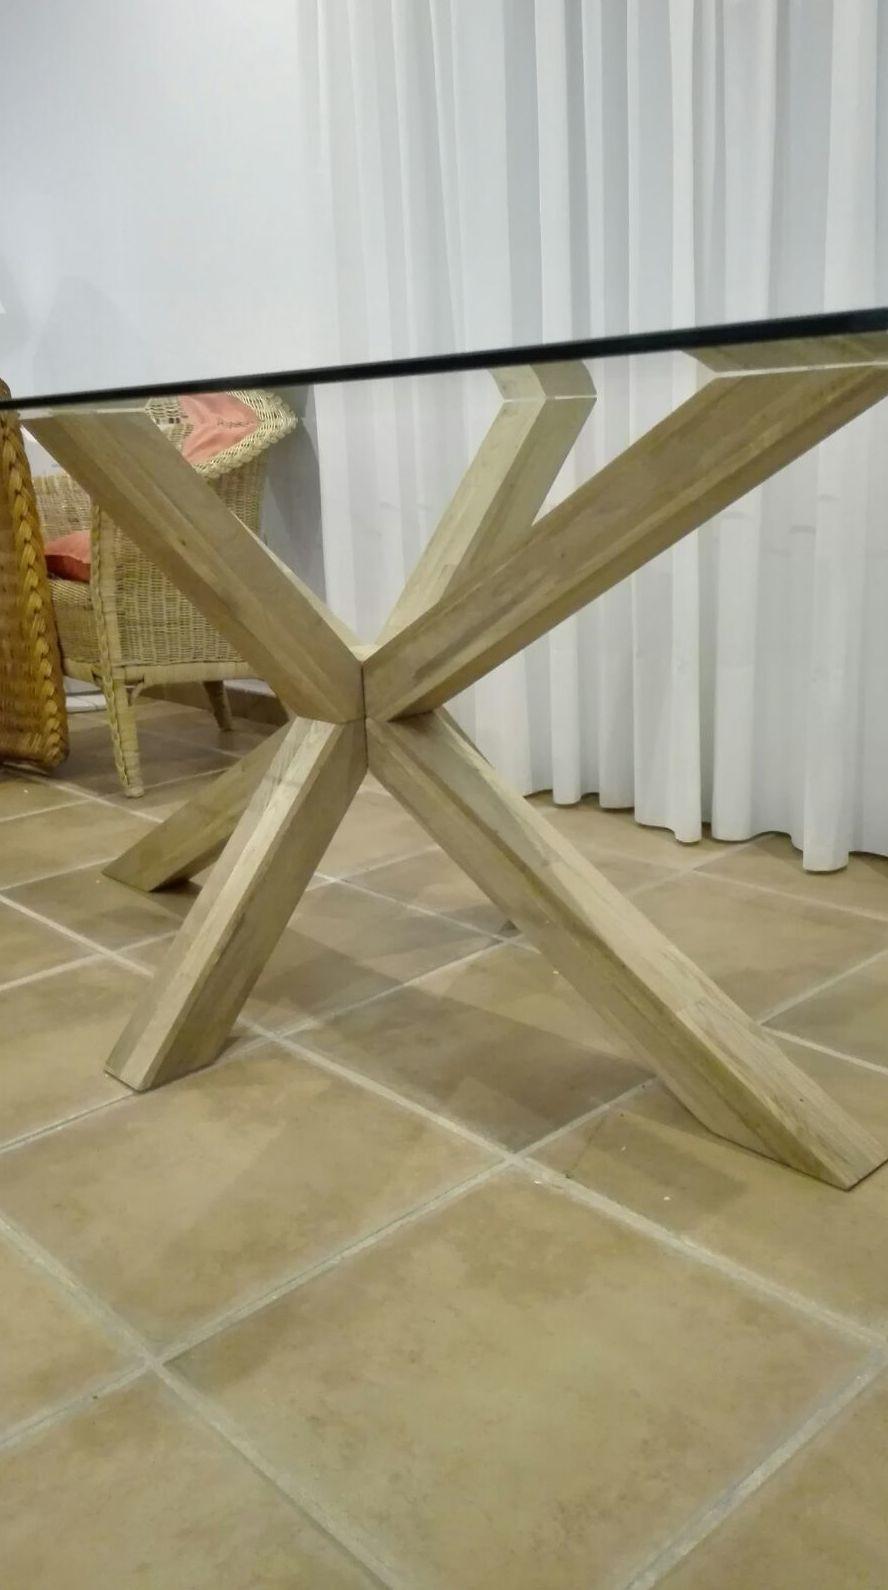 Foto 1 de Carpintería de madera en Chiclana de la Frontera   Carpintería Agustín García